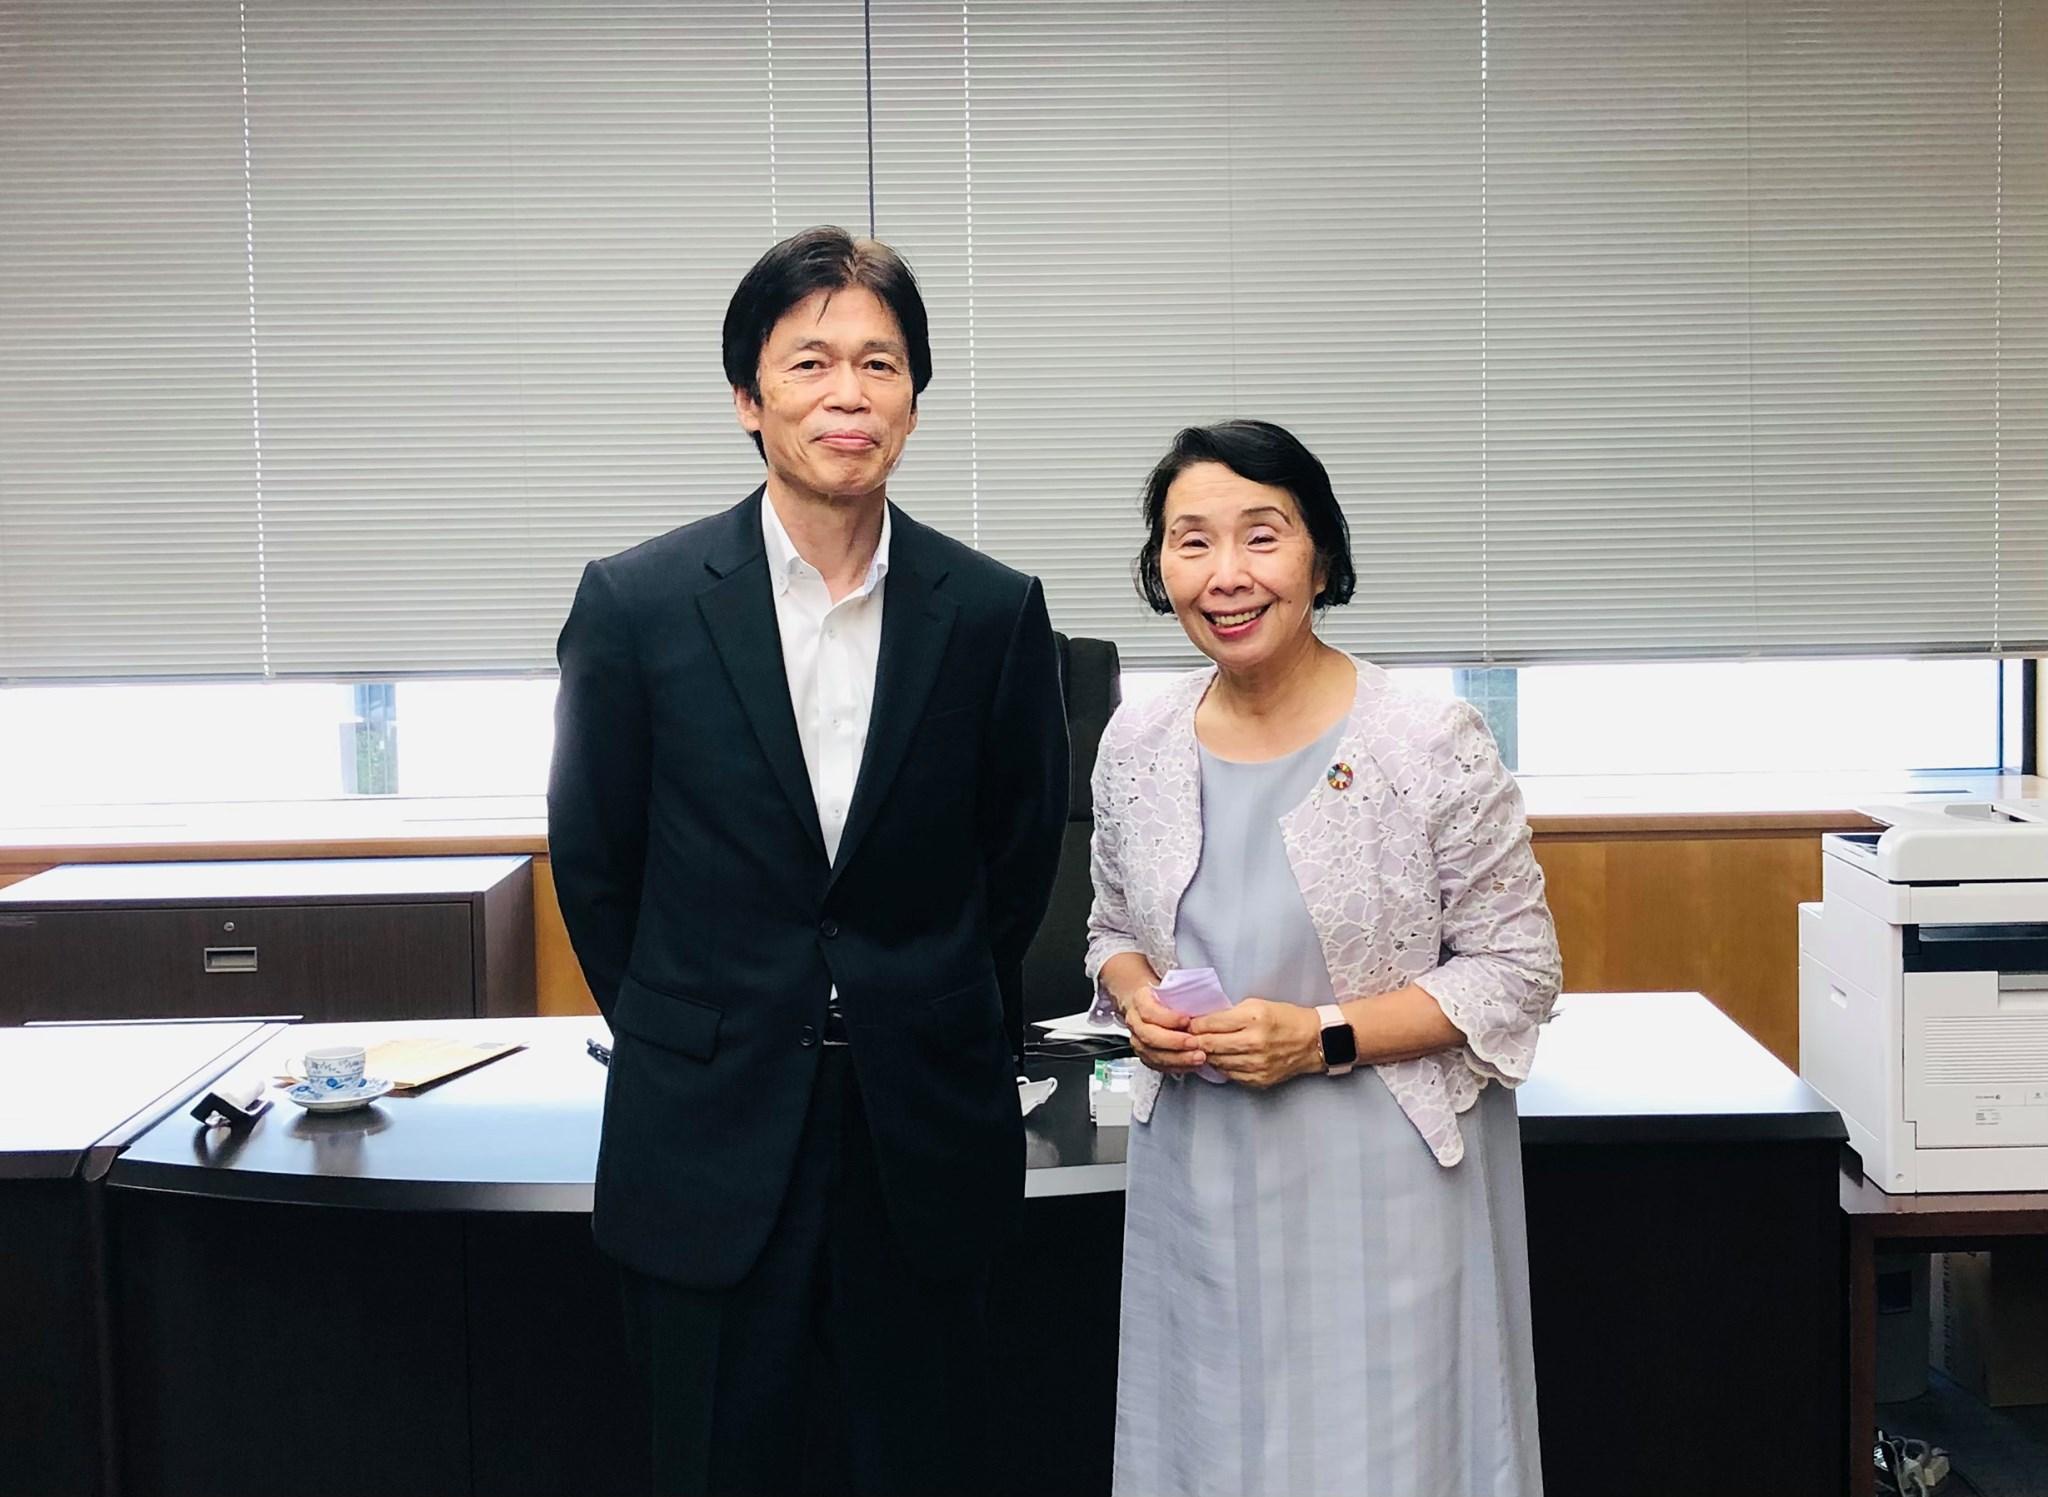 総務省総務事務次官黒田武一郎さんとお話しました。